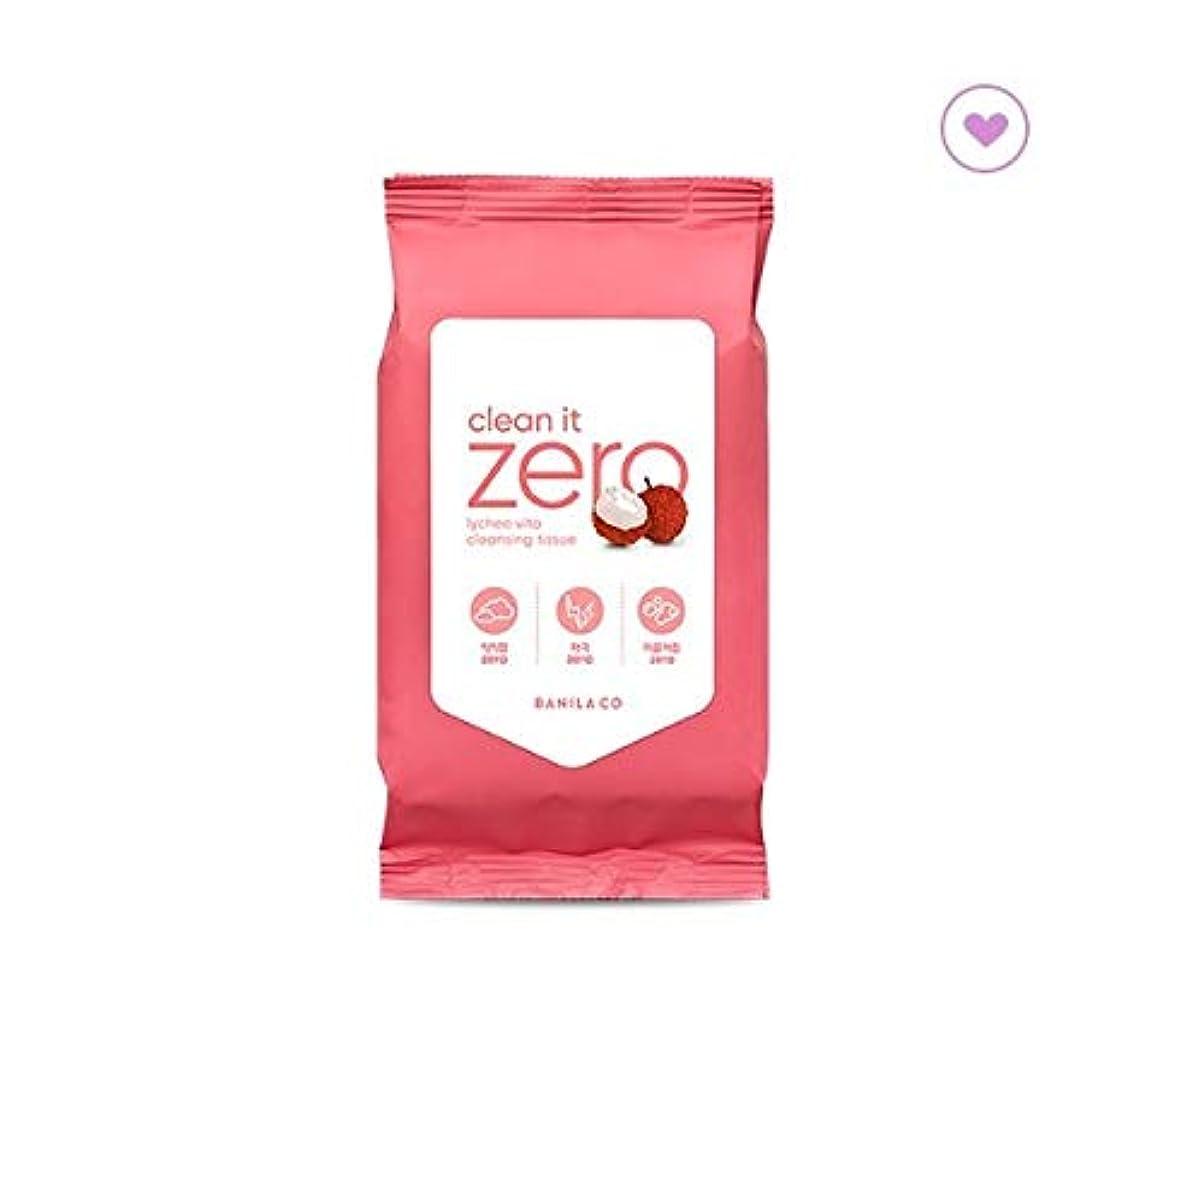 ハリケーンアウターフランクワースリーbanilaco バニラコクリーンイットゼロライチヴィータクレンジングティッシュ30枚 / banilaco Clean It Zero Lychee Vita Cleansing Tissue 30 sheets (150g) [並行輸入品]